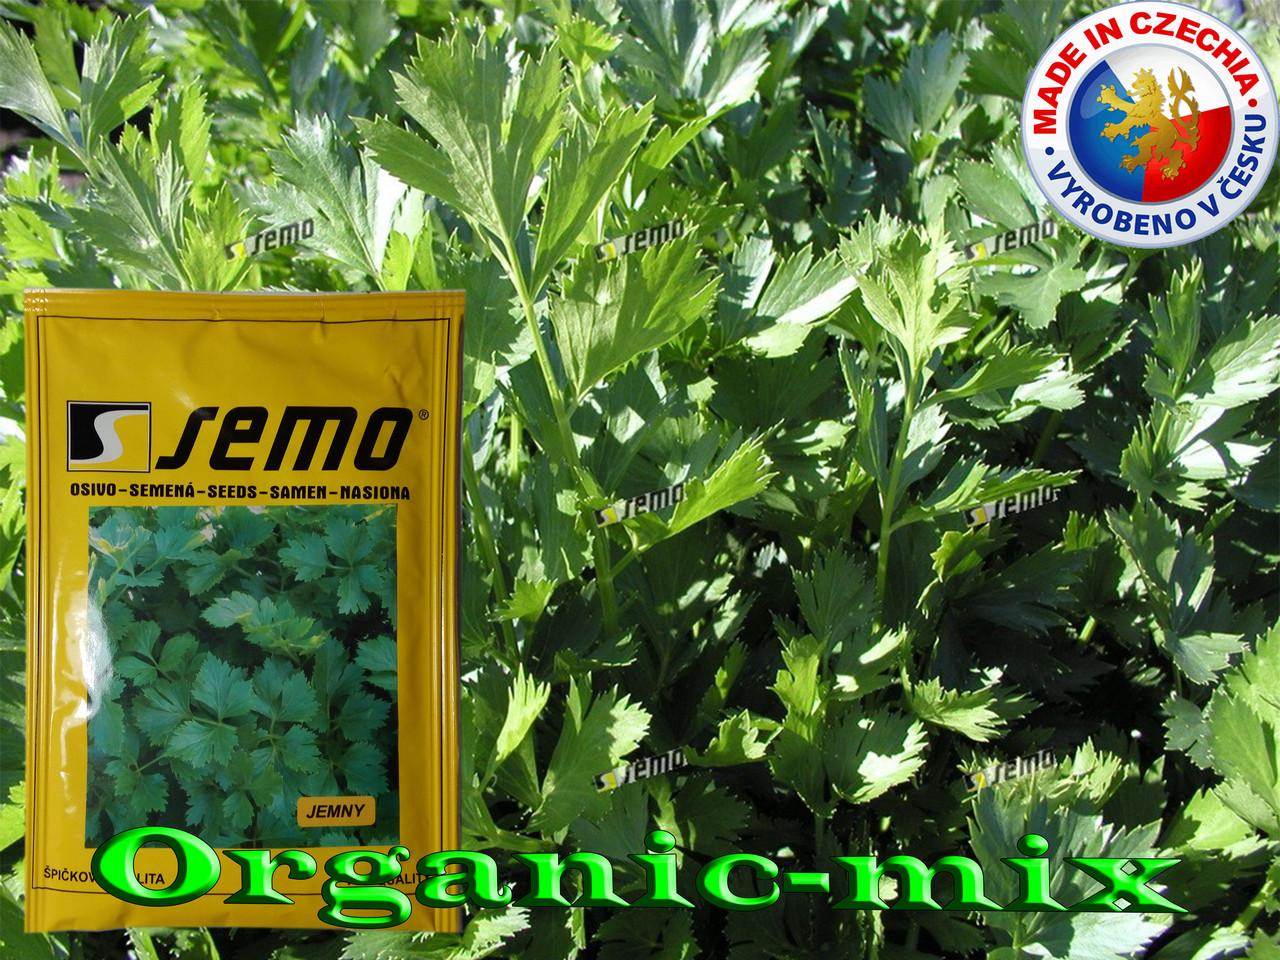 Сельдерей листовой ЕМНИ (JEMNY) от ТМ SEMO (Чехия), проф. пакет 25 грамм